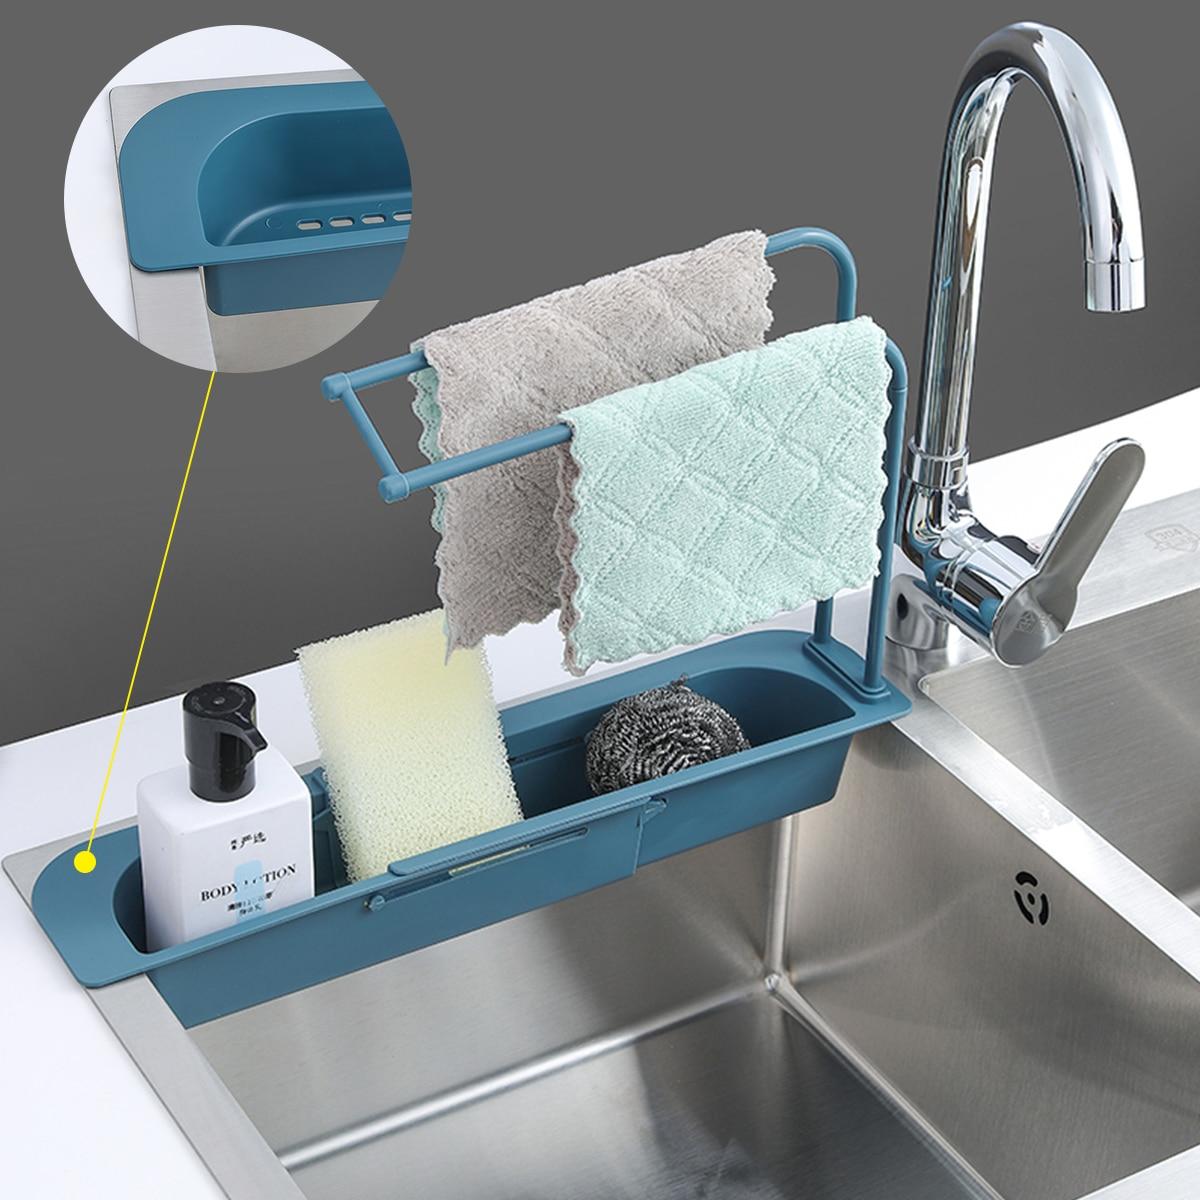 Suporte Multiuso para Pia Ajustável Detergente Pano Escorredor